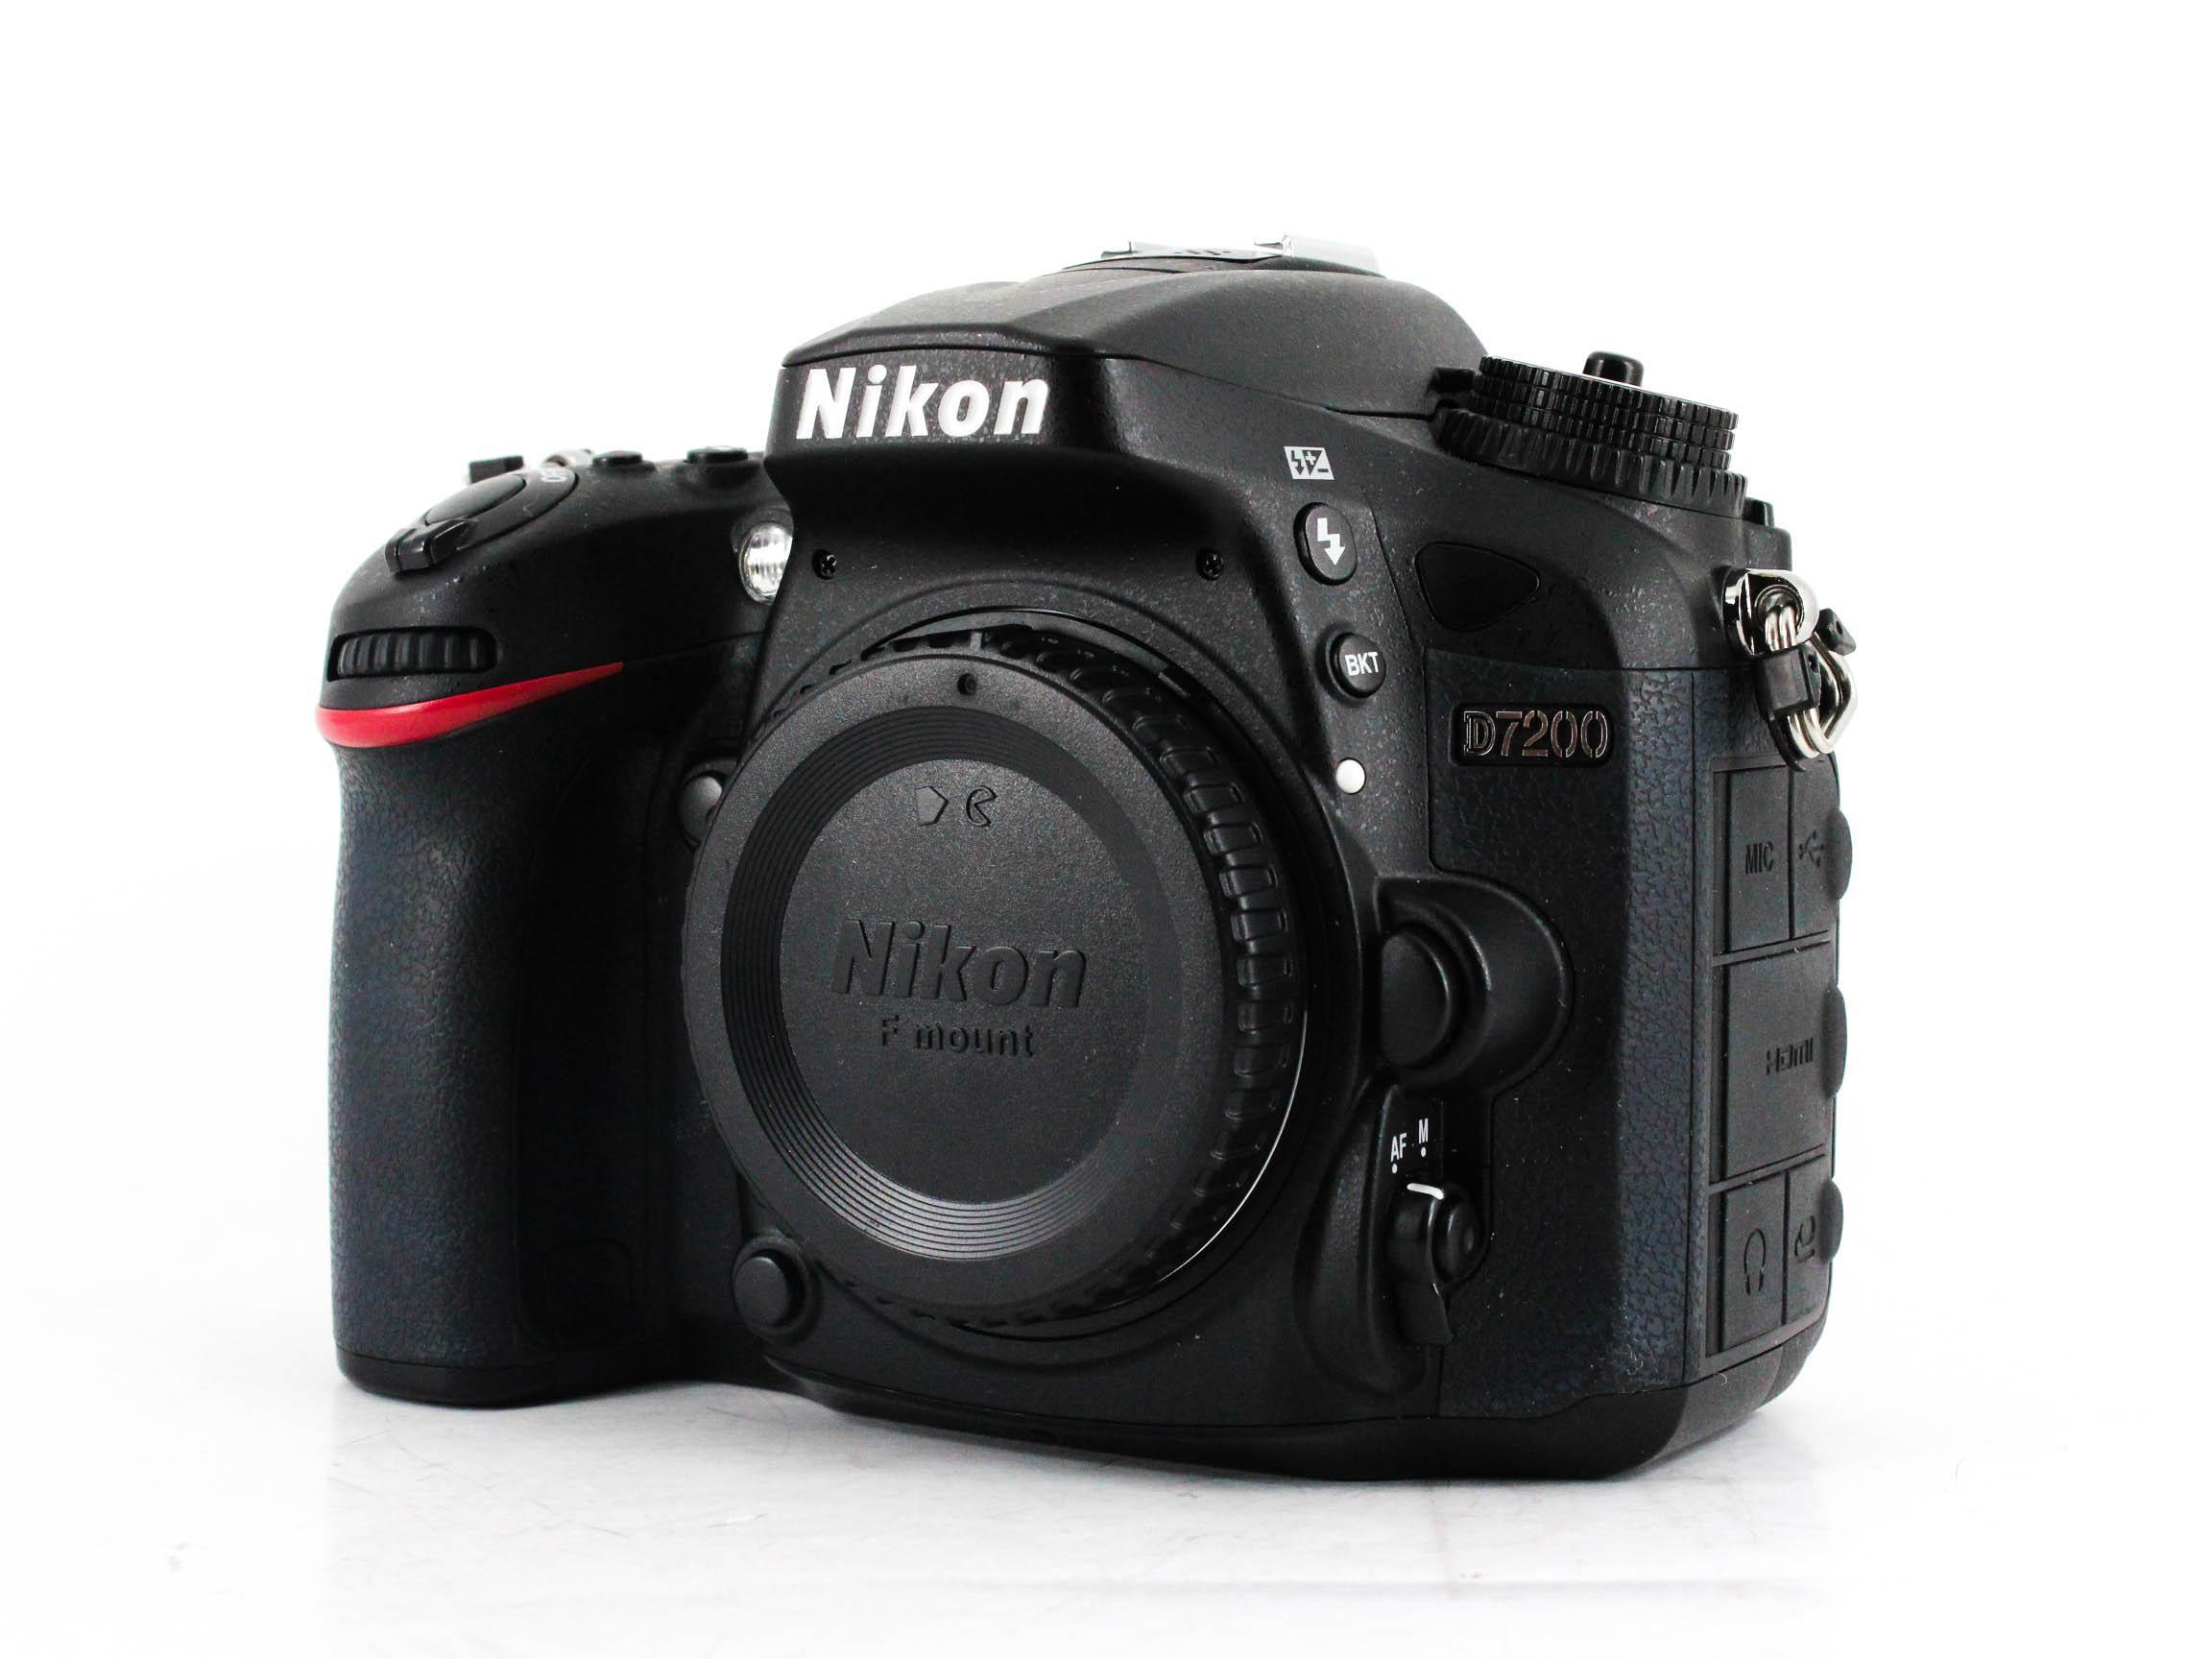 nikon d7200 vs d7500 image